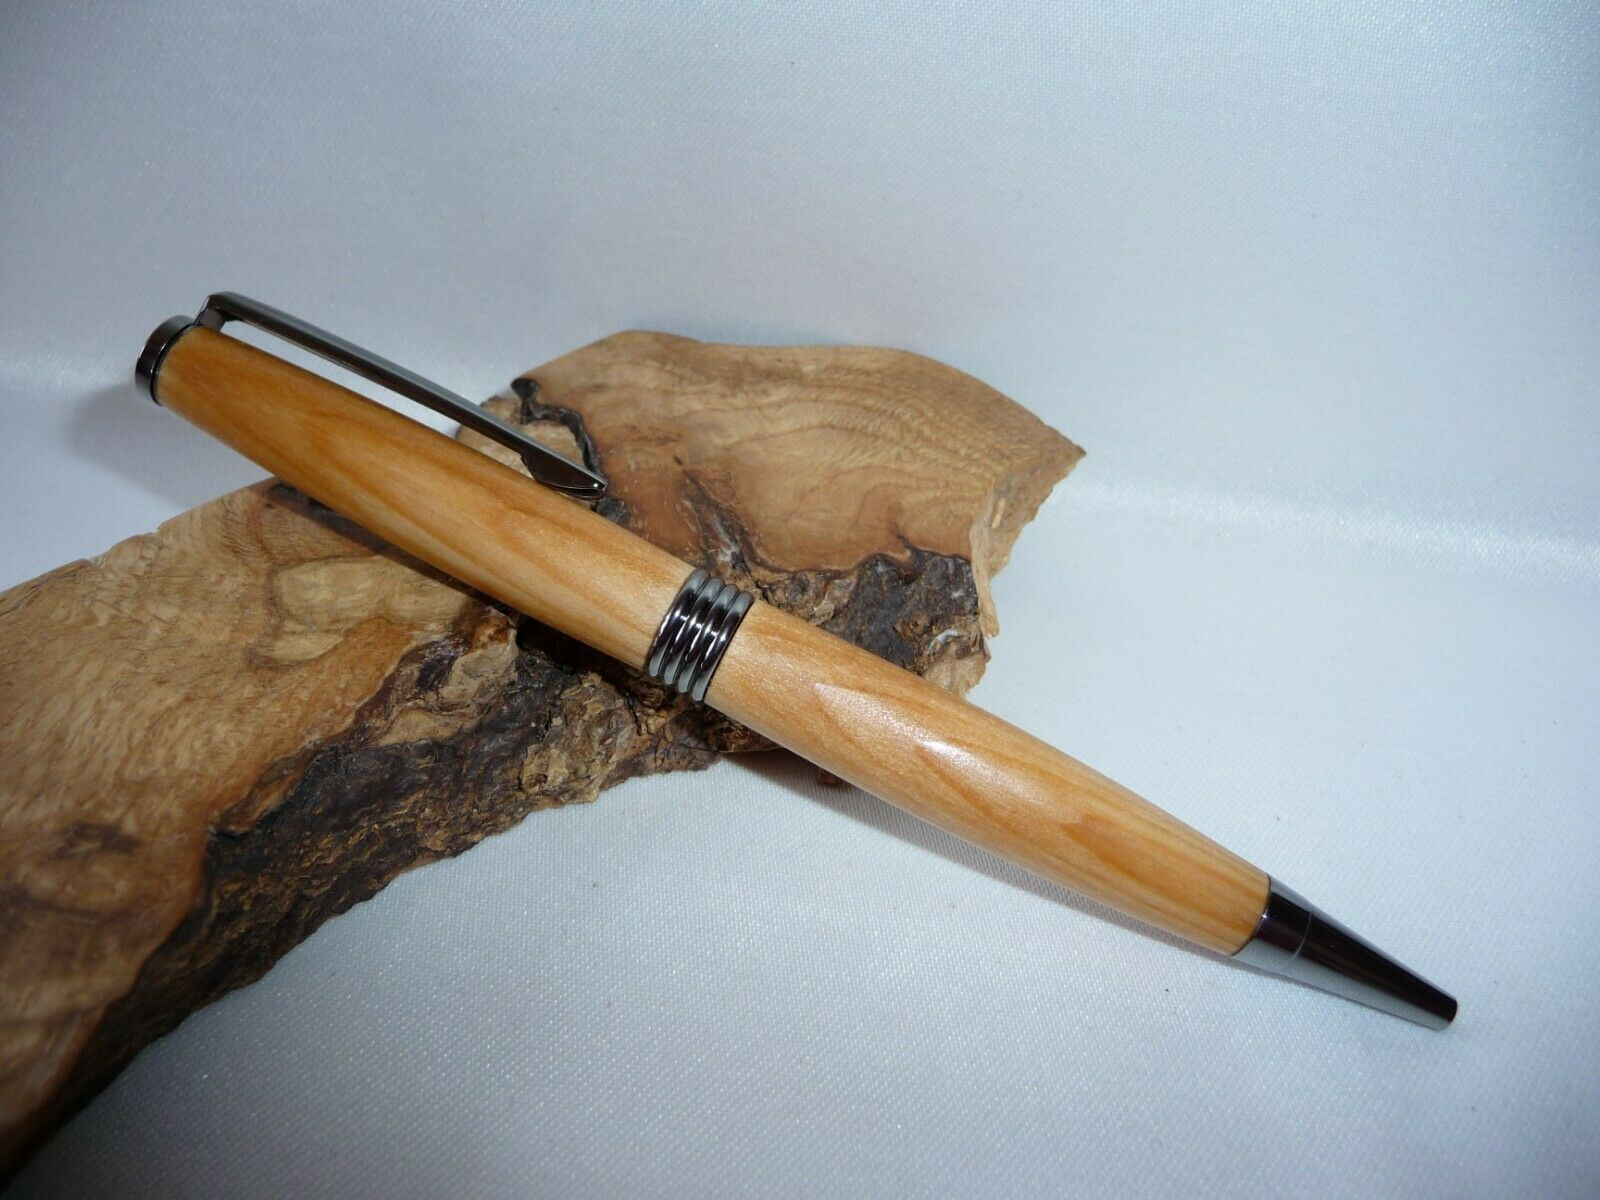 Zeder-Holz Kugelschreiber UNIKAT Handgedrechselt Schreibgerät Holz Stift Pen | Attraktive Mode